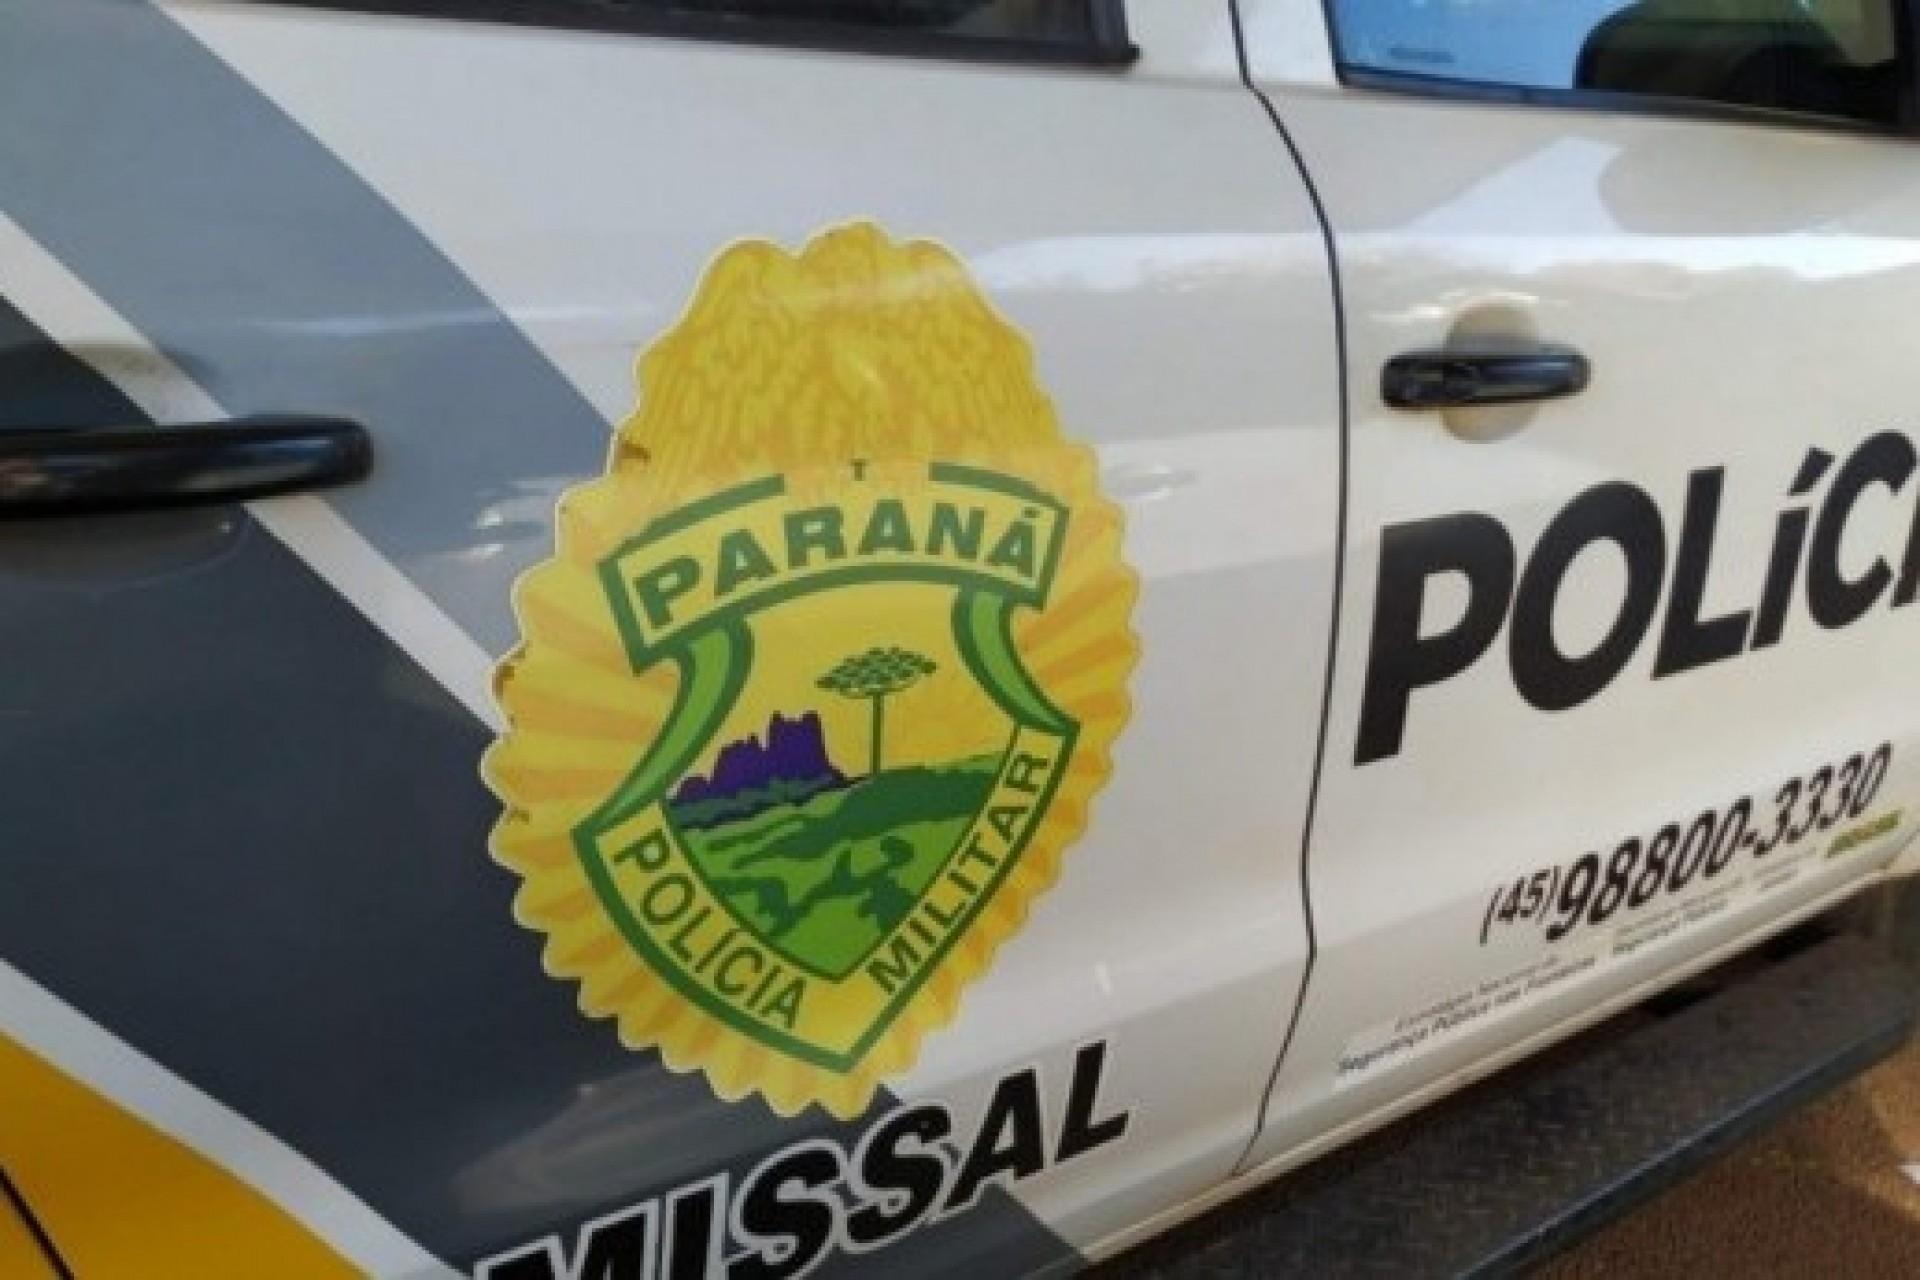 Disparos de arma de fogo são efetuados no Distrito do Portão Ocoi